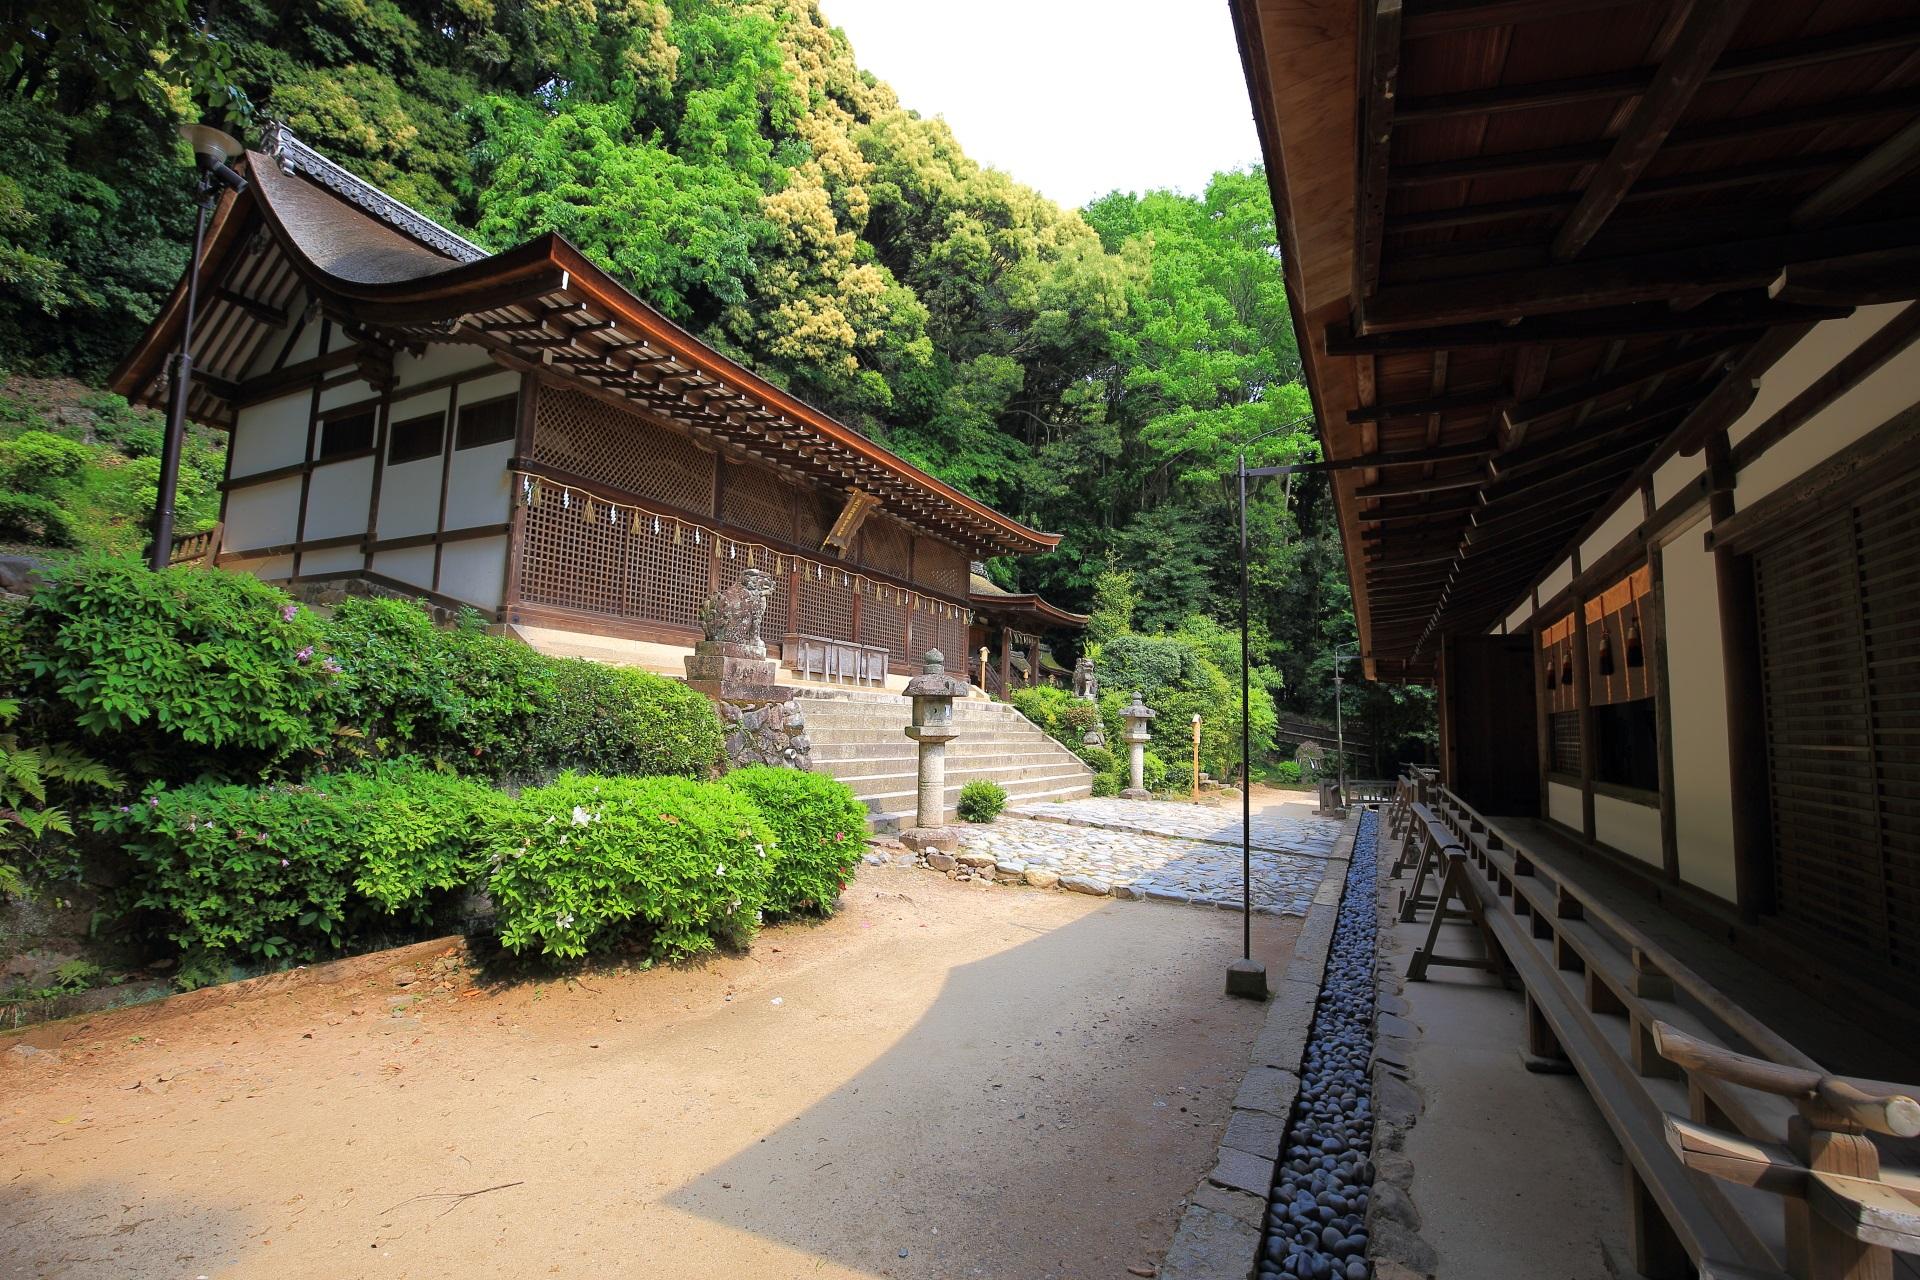 世界遺産の宇治上神社の本殿と拝殿